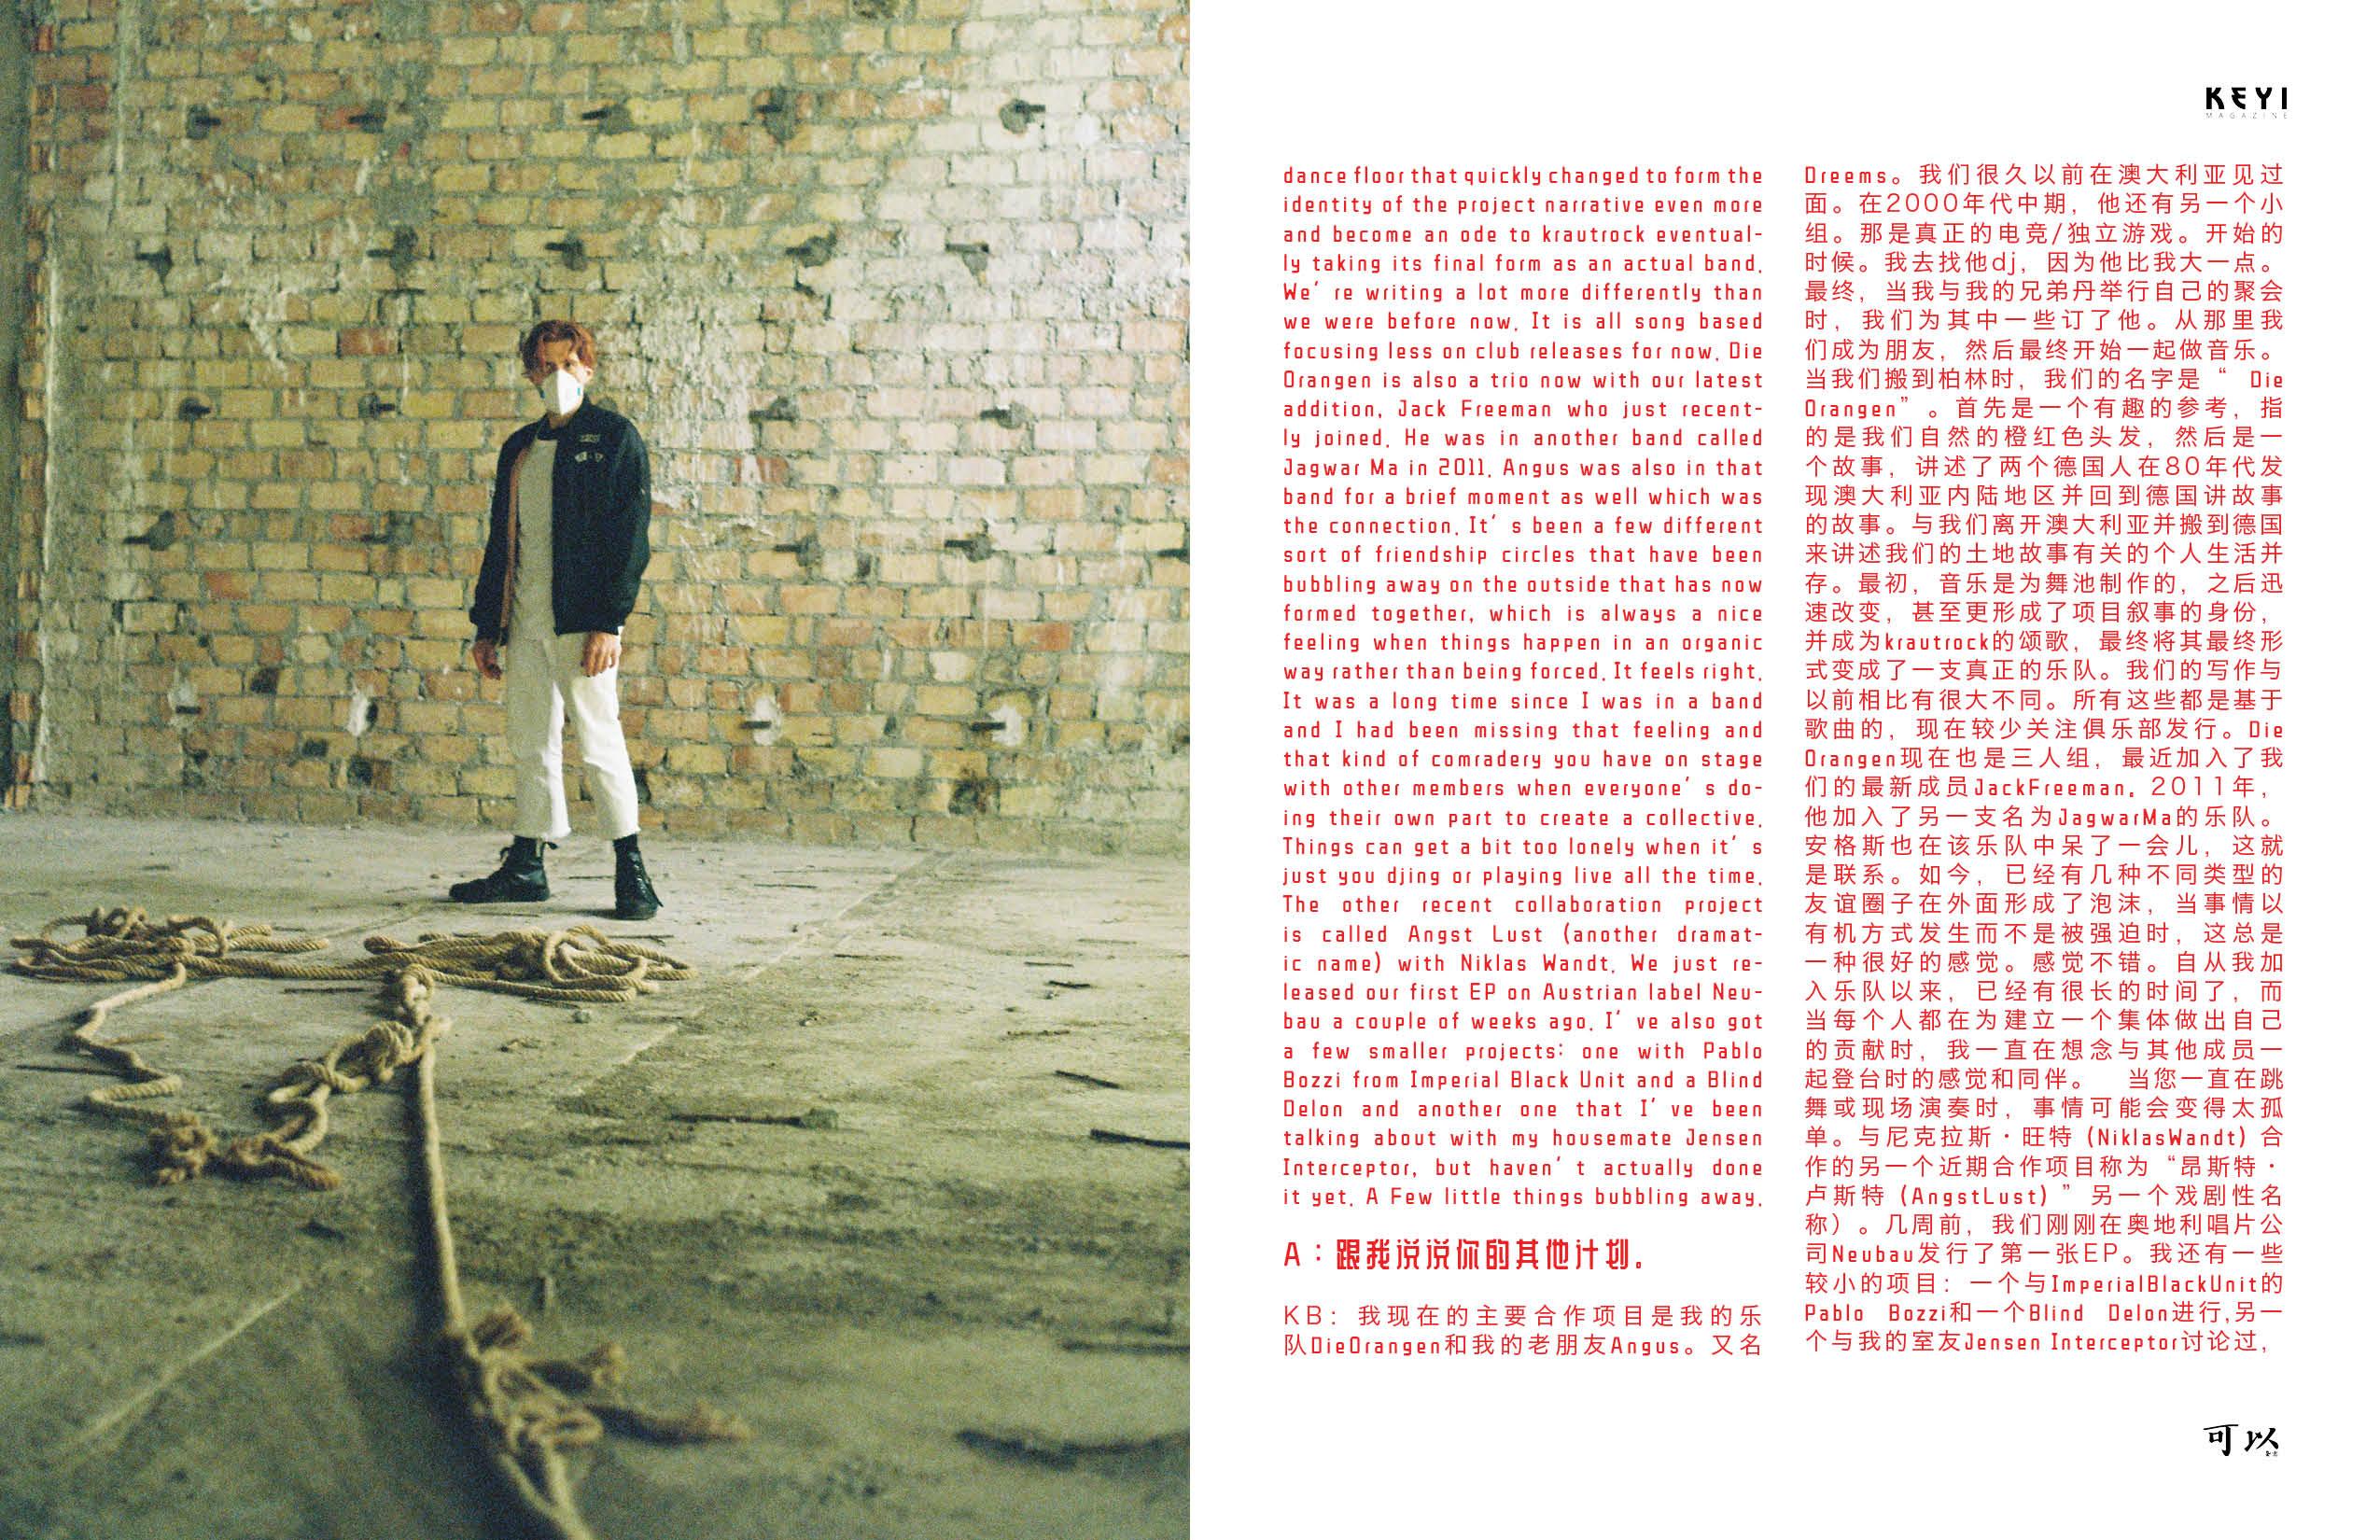 photoshoot for keyi magazine by keyi studio keyi.eu Grzegorz Bacinski Izabella Chrobok